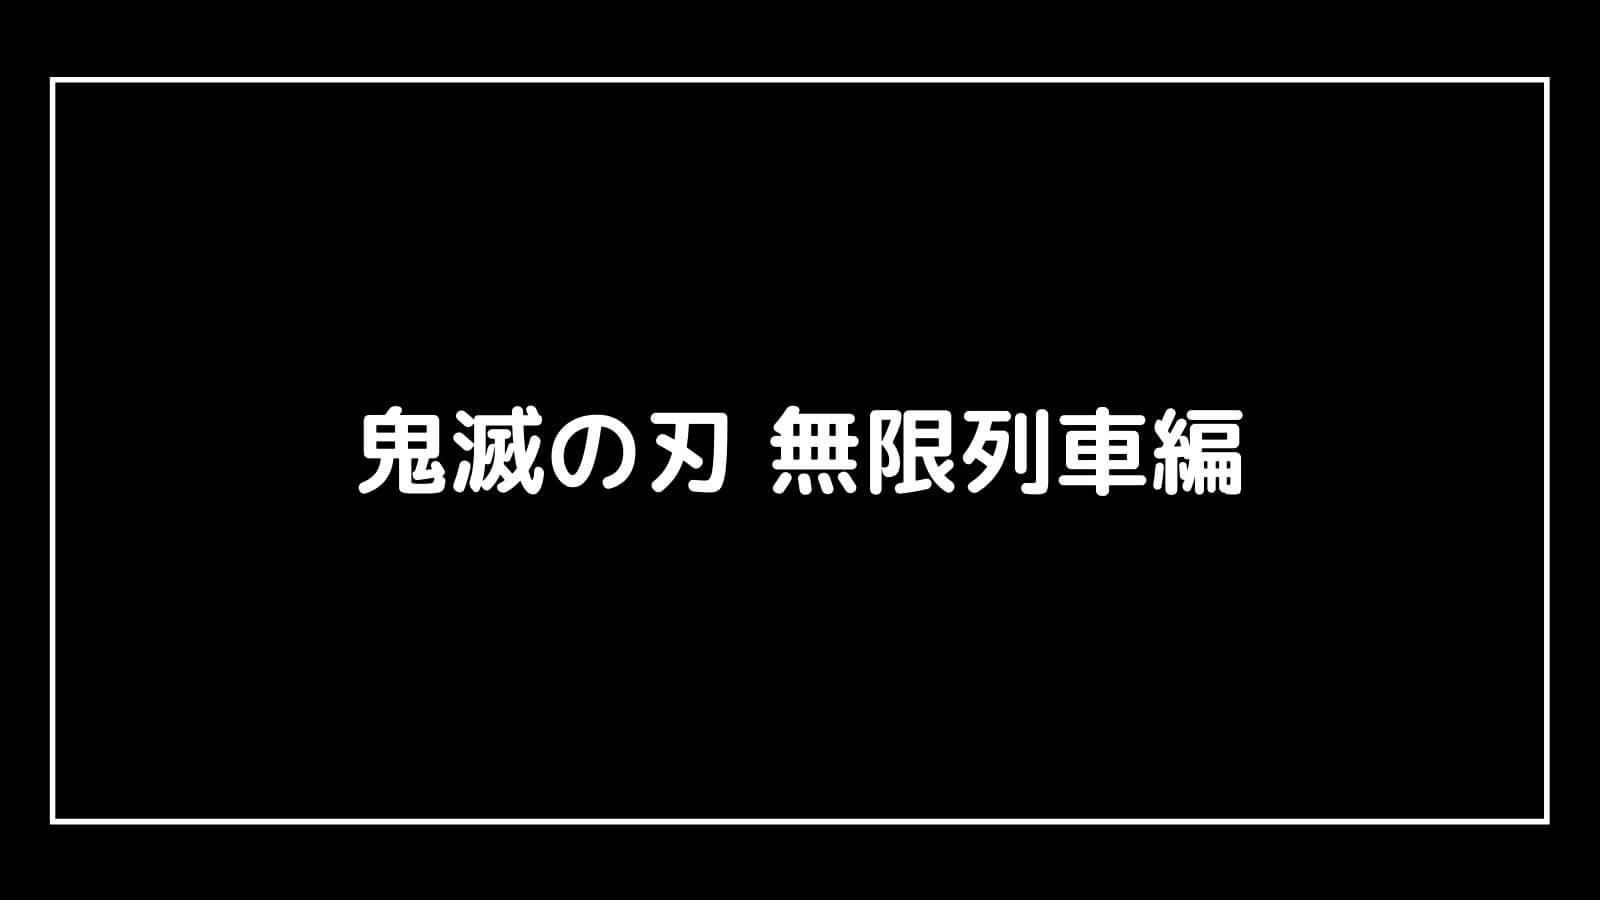 鬼滅の刃 無限列車編